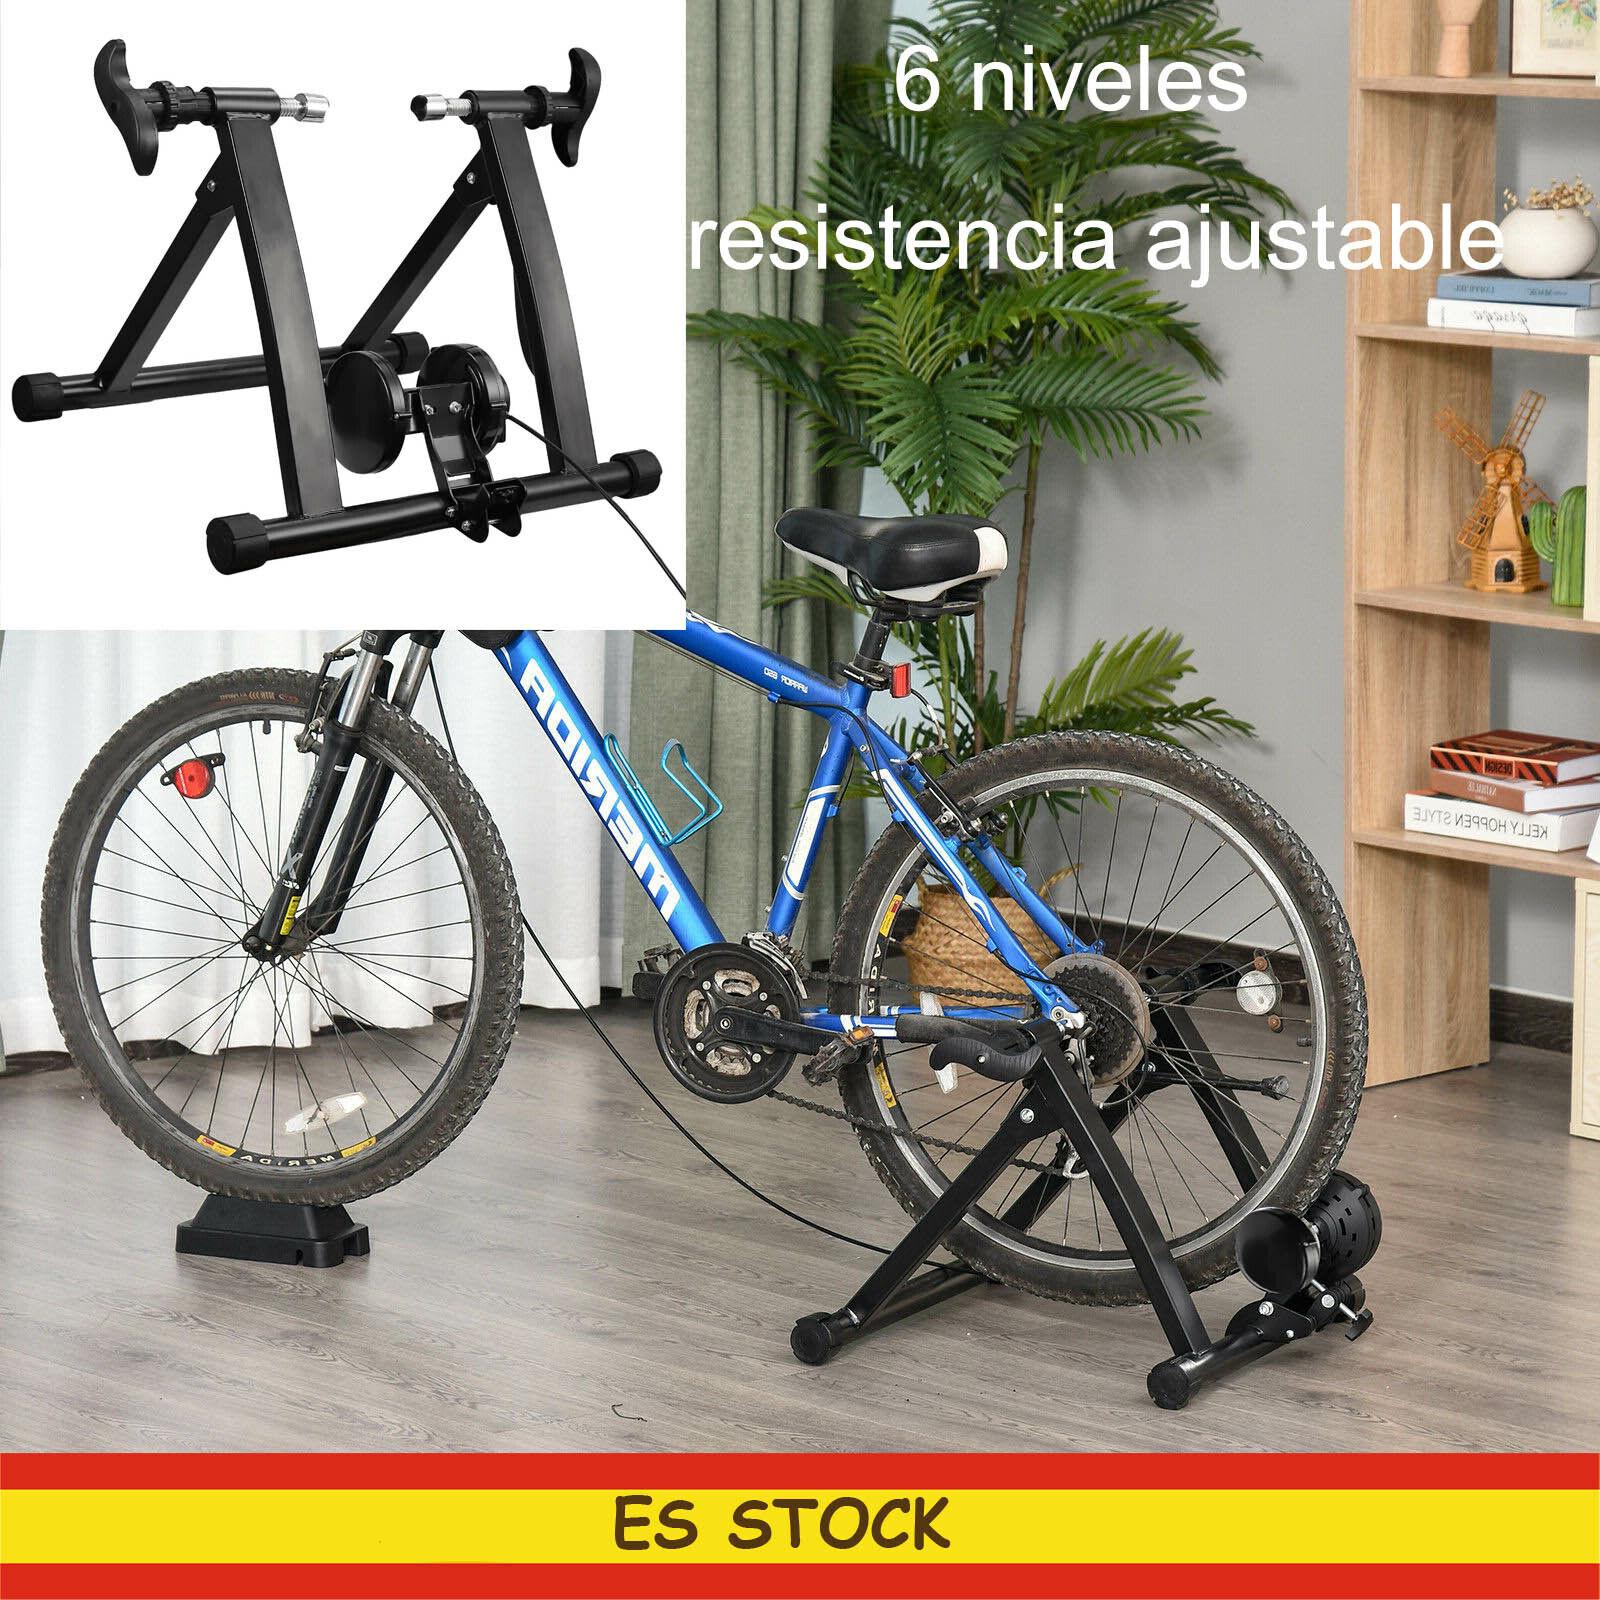 Entrenadores de bicicleta Rodillo Ciclismo Turbo Trainer Resistencia Ajustable